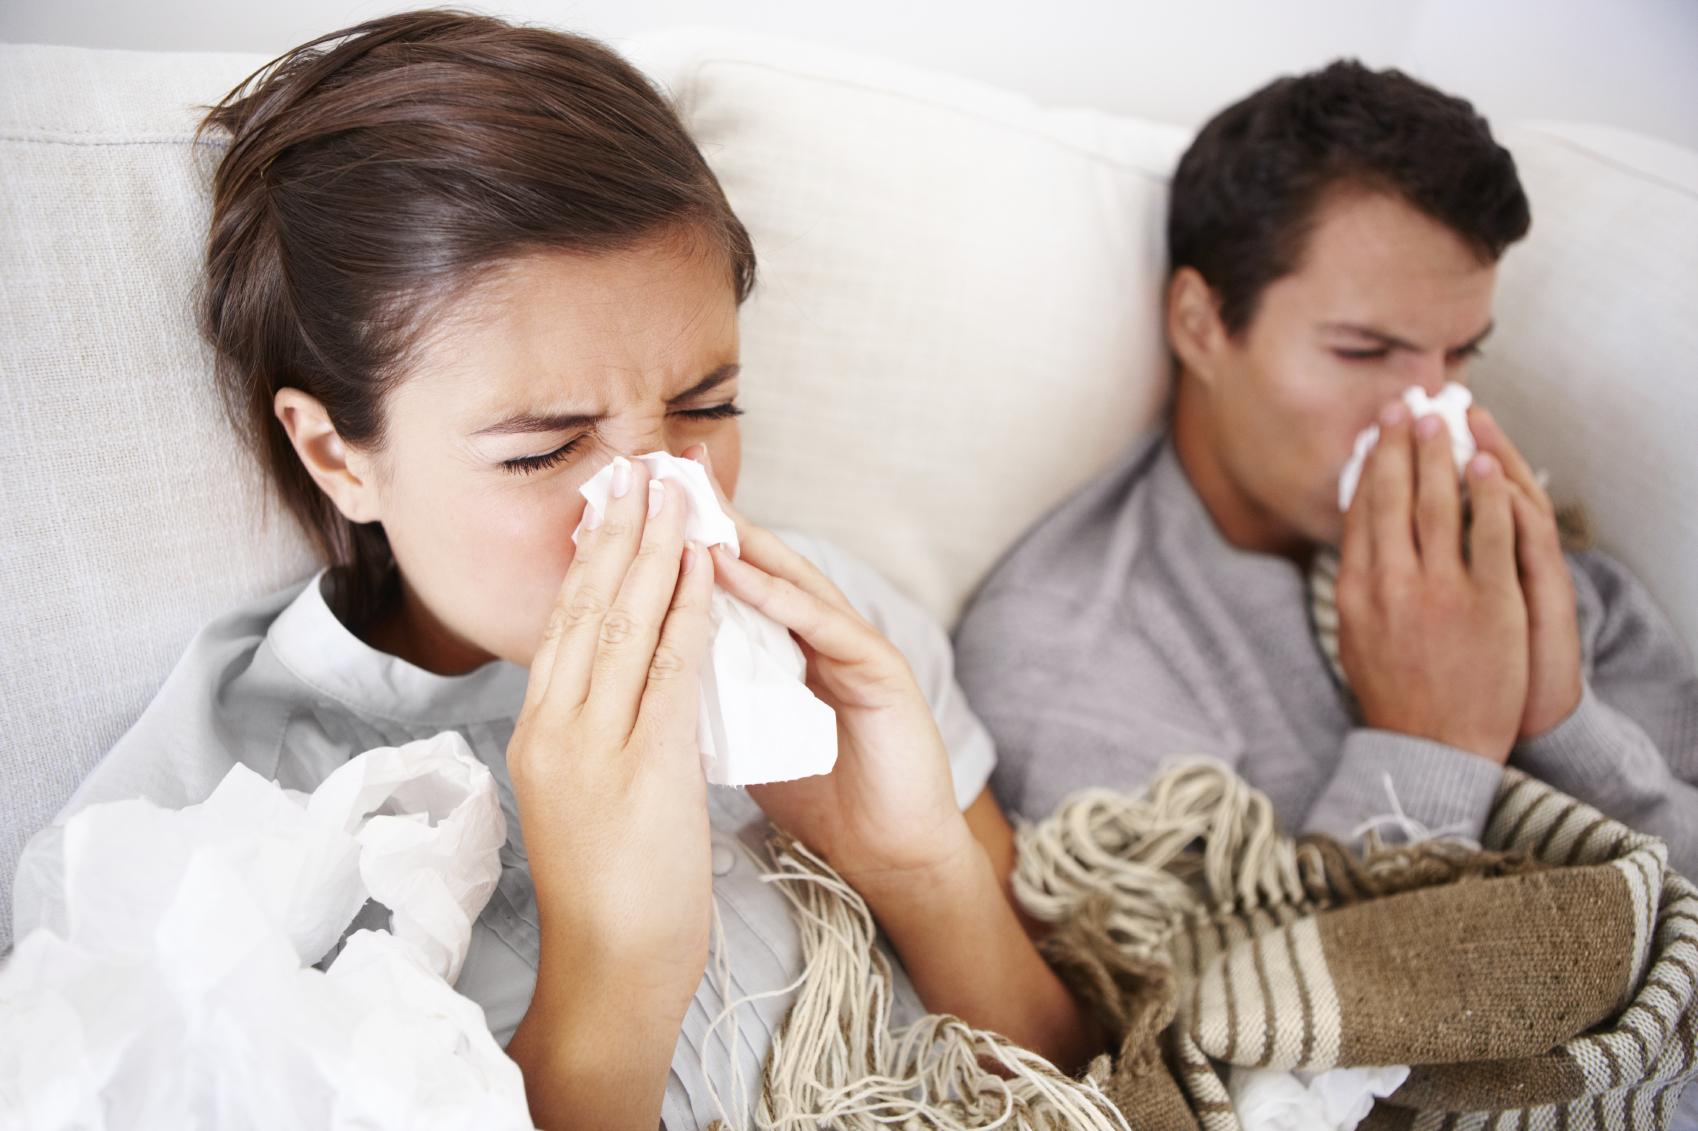 Veszélyeztetheti az agy működését is az influenza